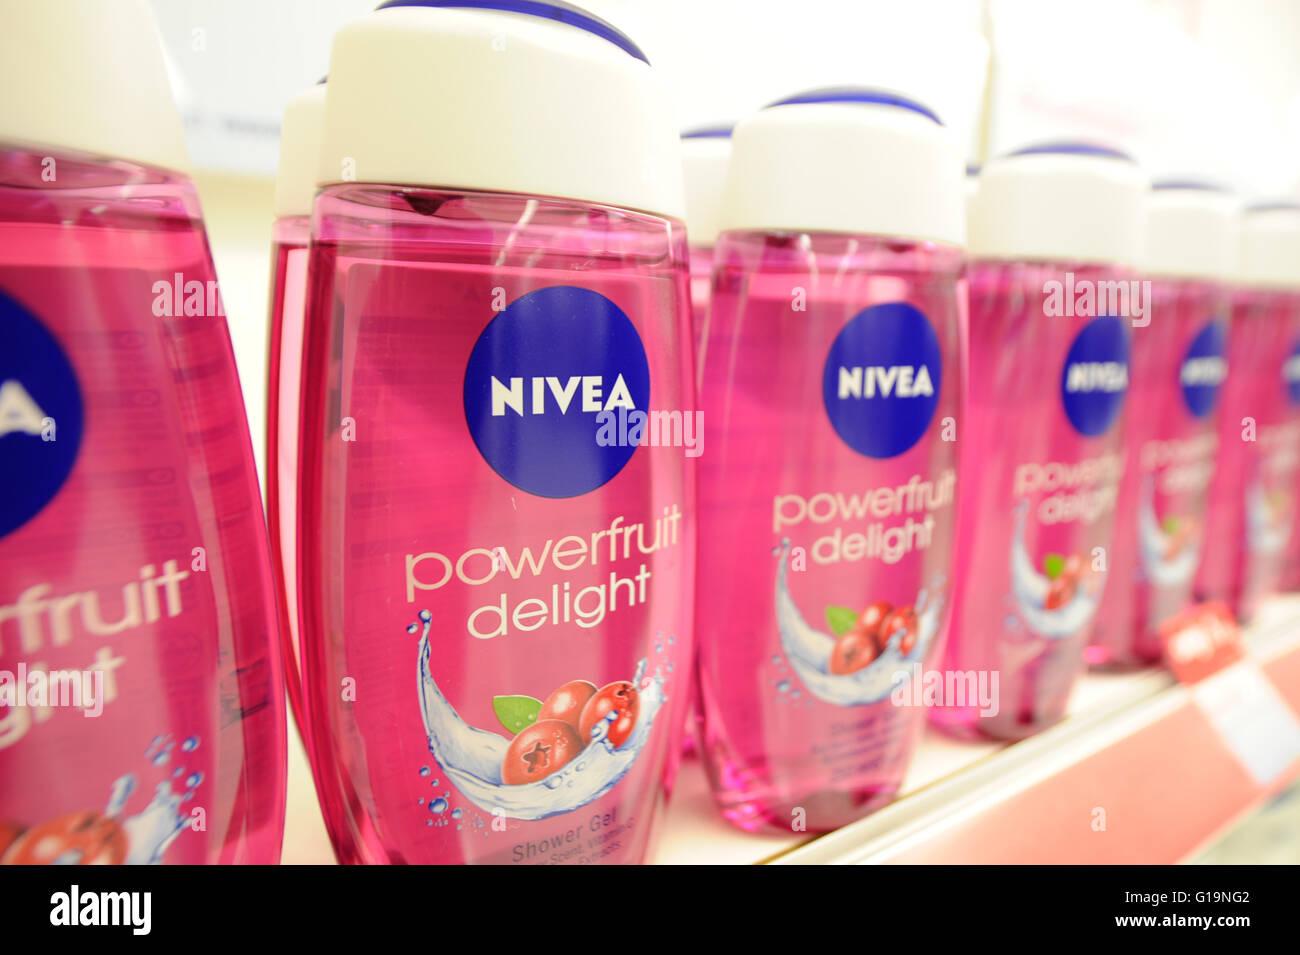 NIVEA shower gel - Stock Image